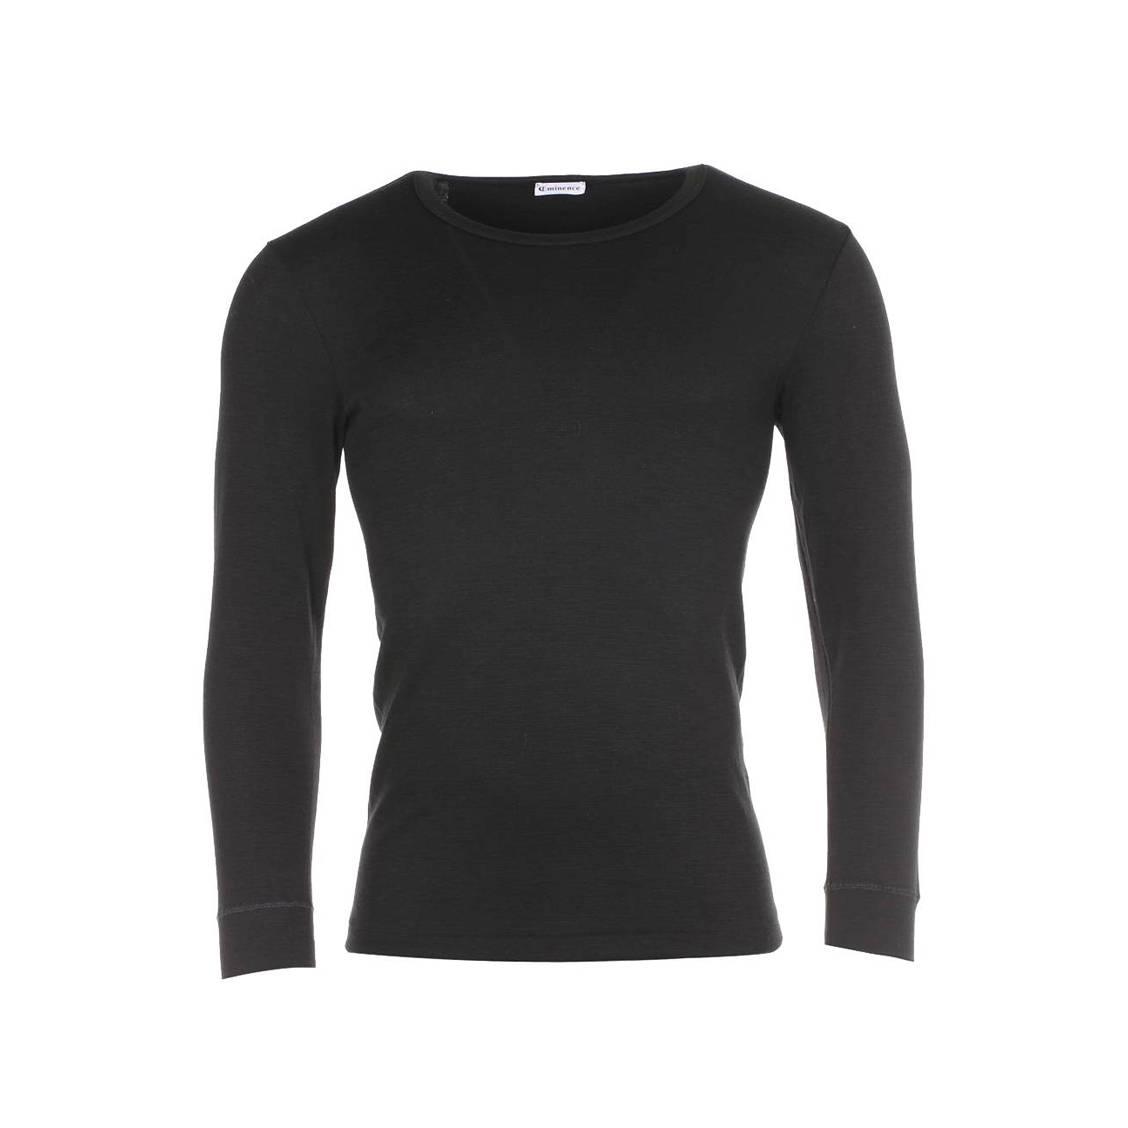 Tee shirt Chaleur Naturelle Intense Eminence noir col rond et manches longues. Tee shirt homme chaud EminenceLaine (50%), Coton (40%), Polyamide (10%)